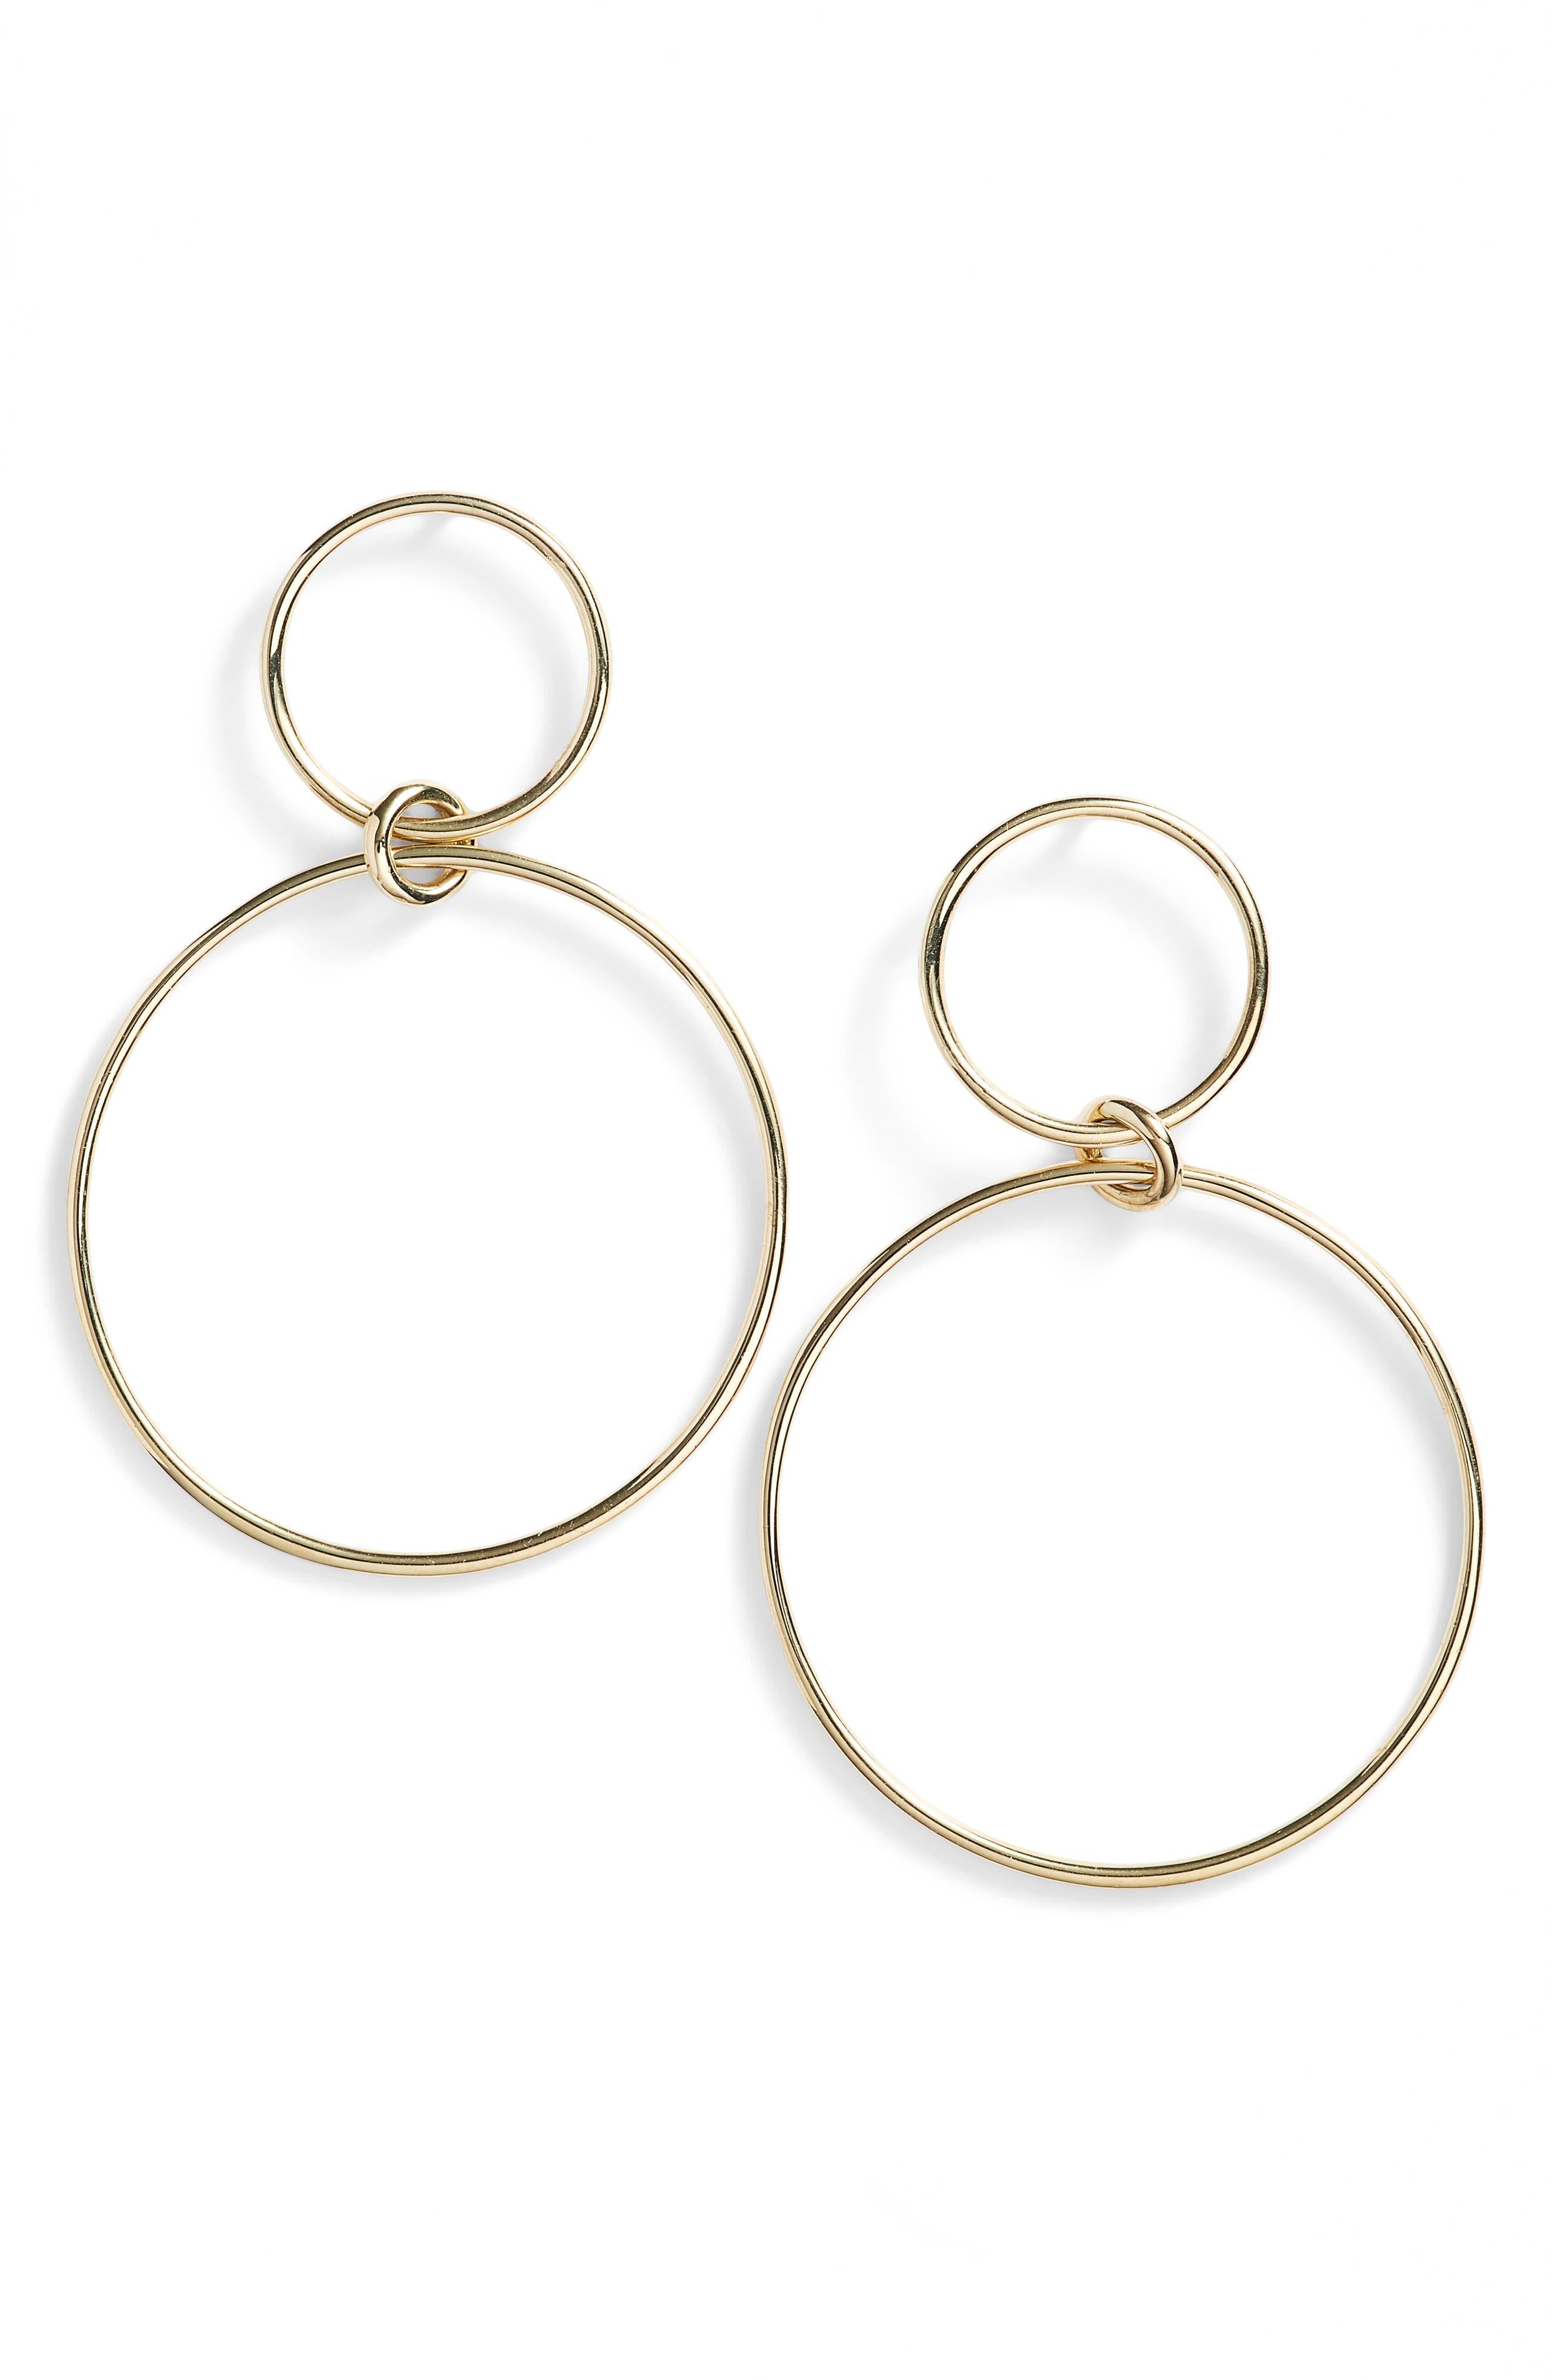 Geo Circle Drop Earrings,                             Main thumbnail 1, color,                             710